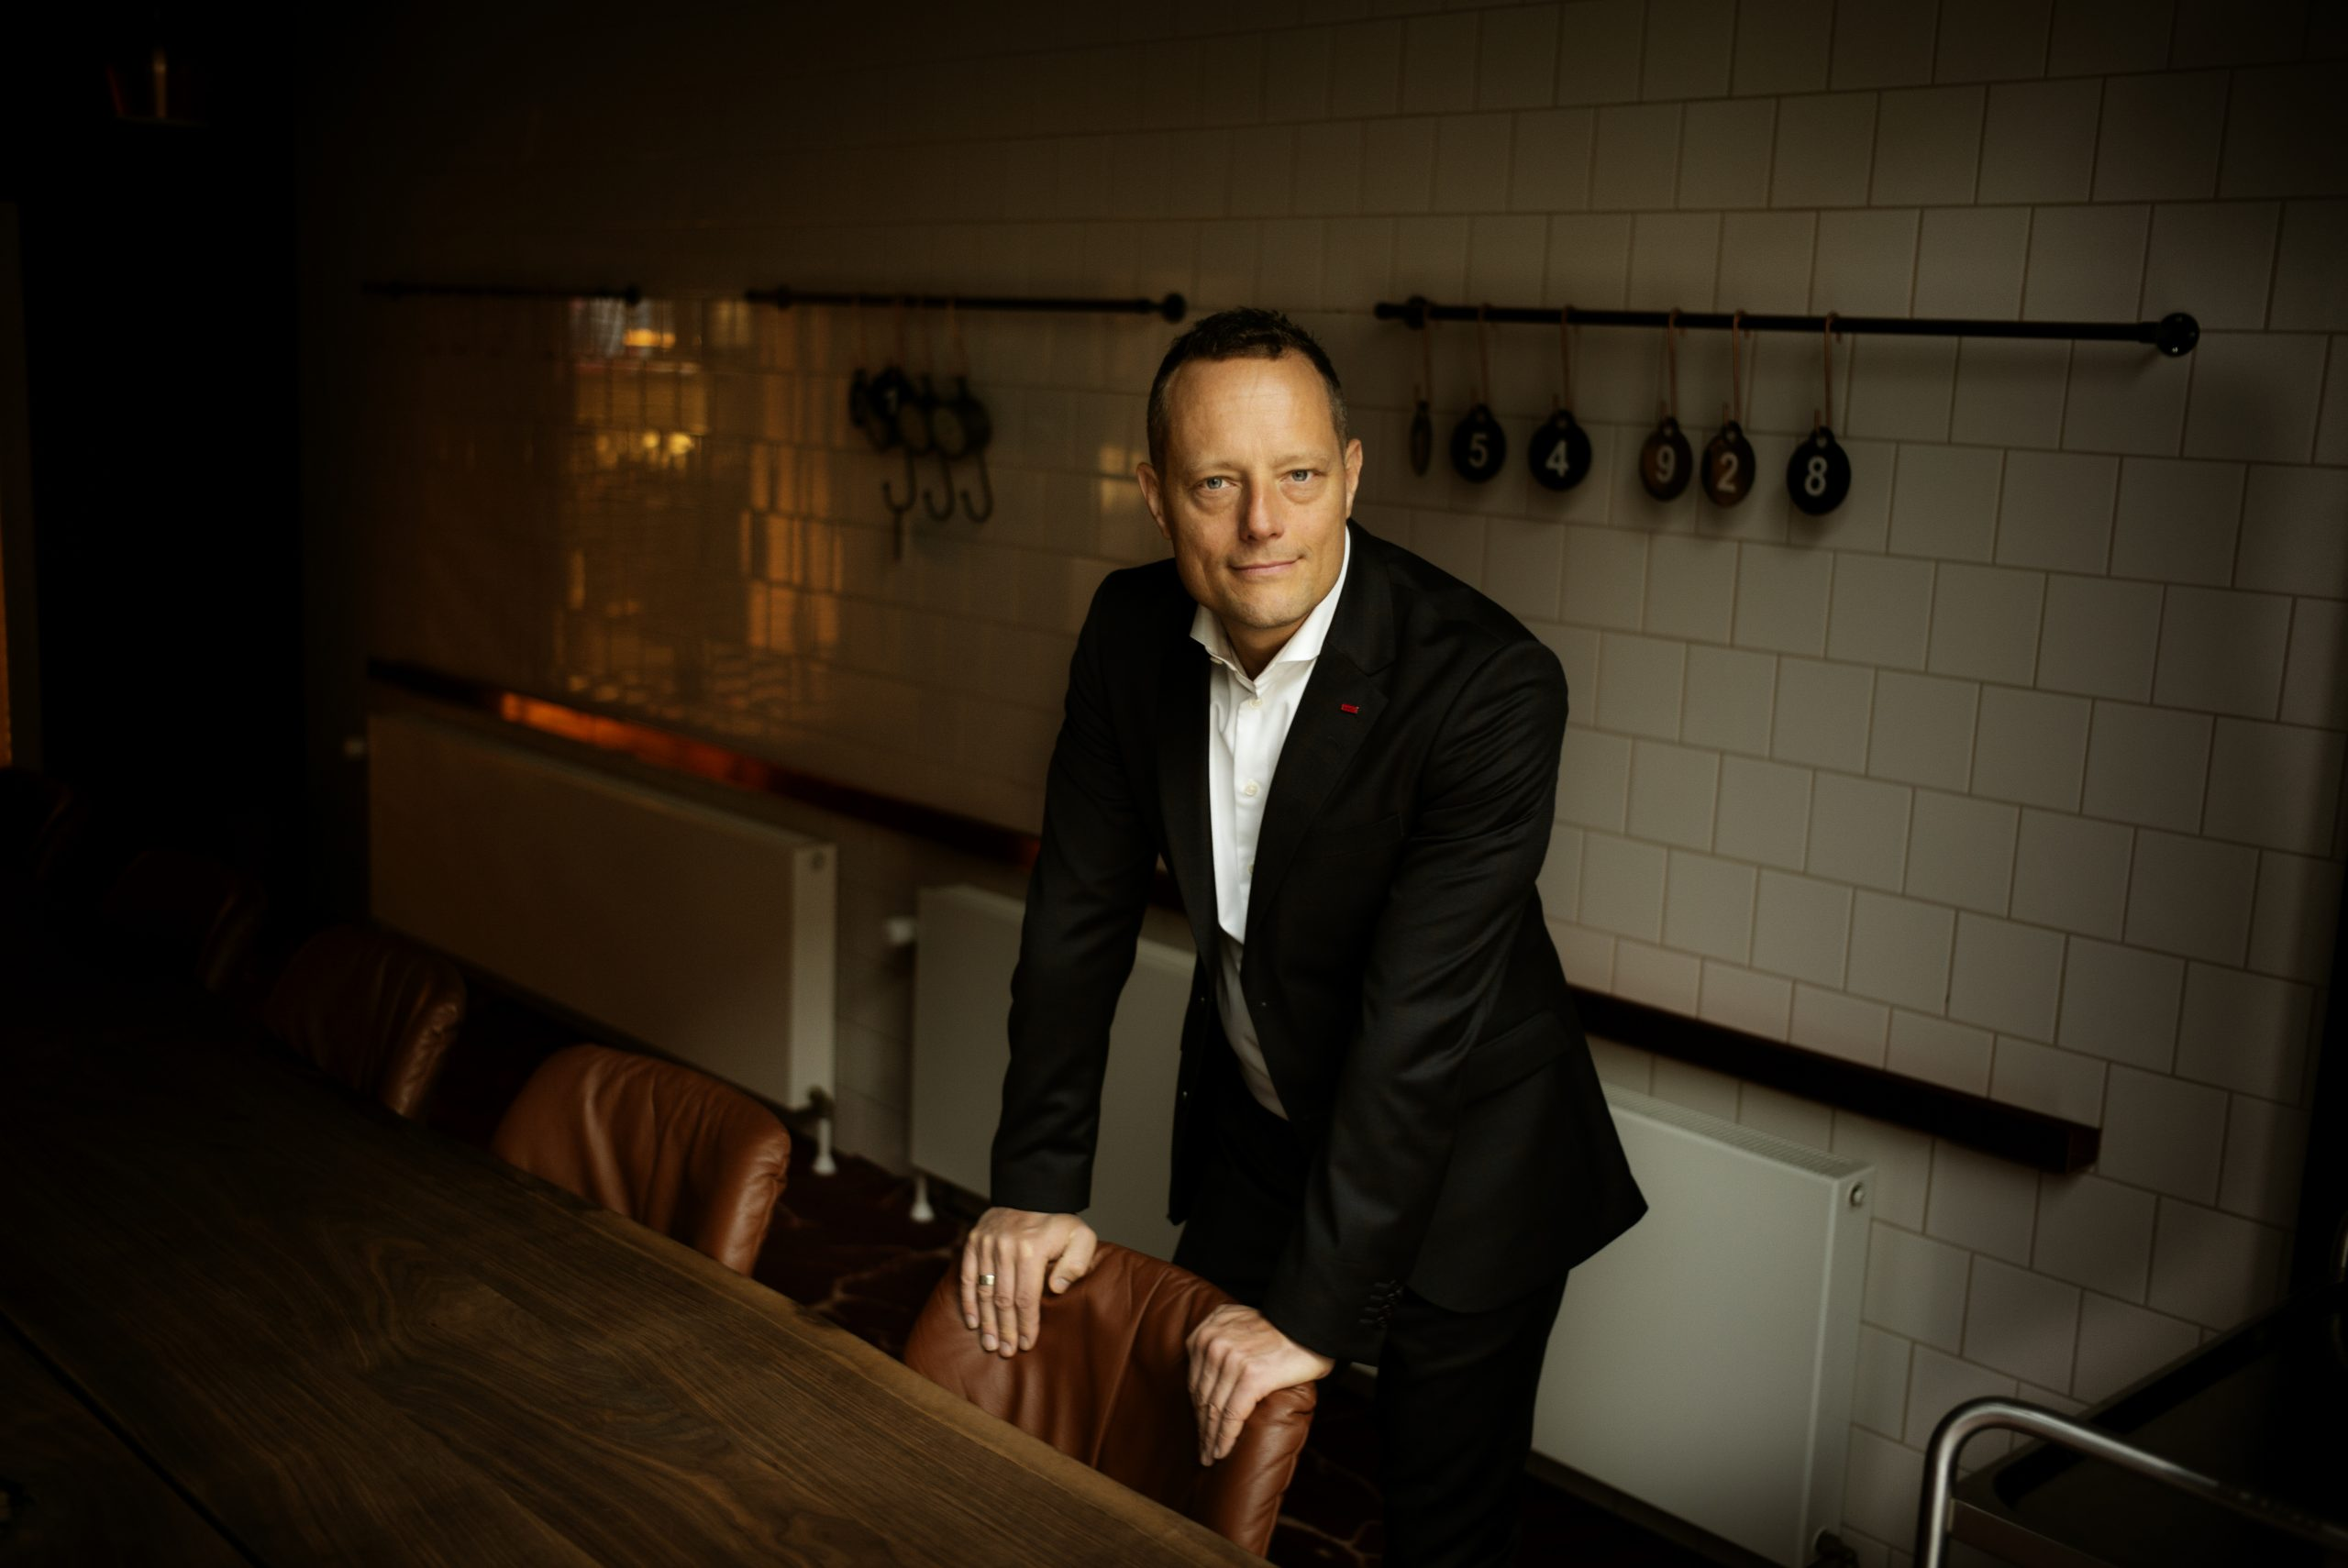 Fremtiden vil byde på flere leisuregæster og færre erhvervsrejsende, forudser Søren Faerber, administrerende direktør for Scandic Hotels i Danmark. Arkivpressefoto.